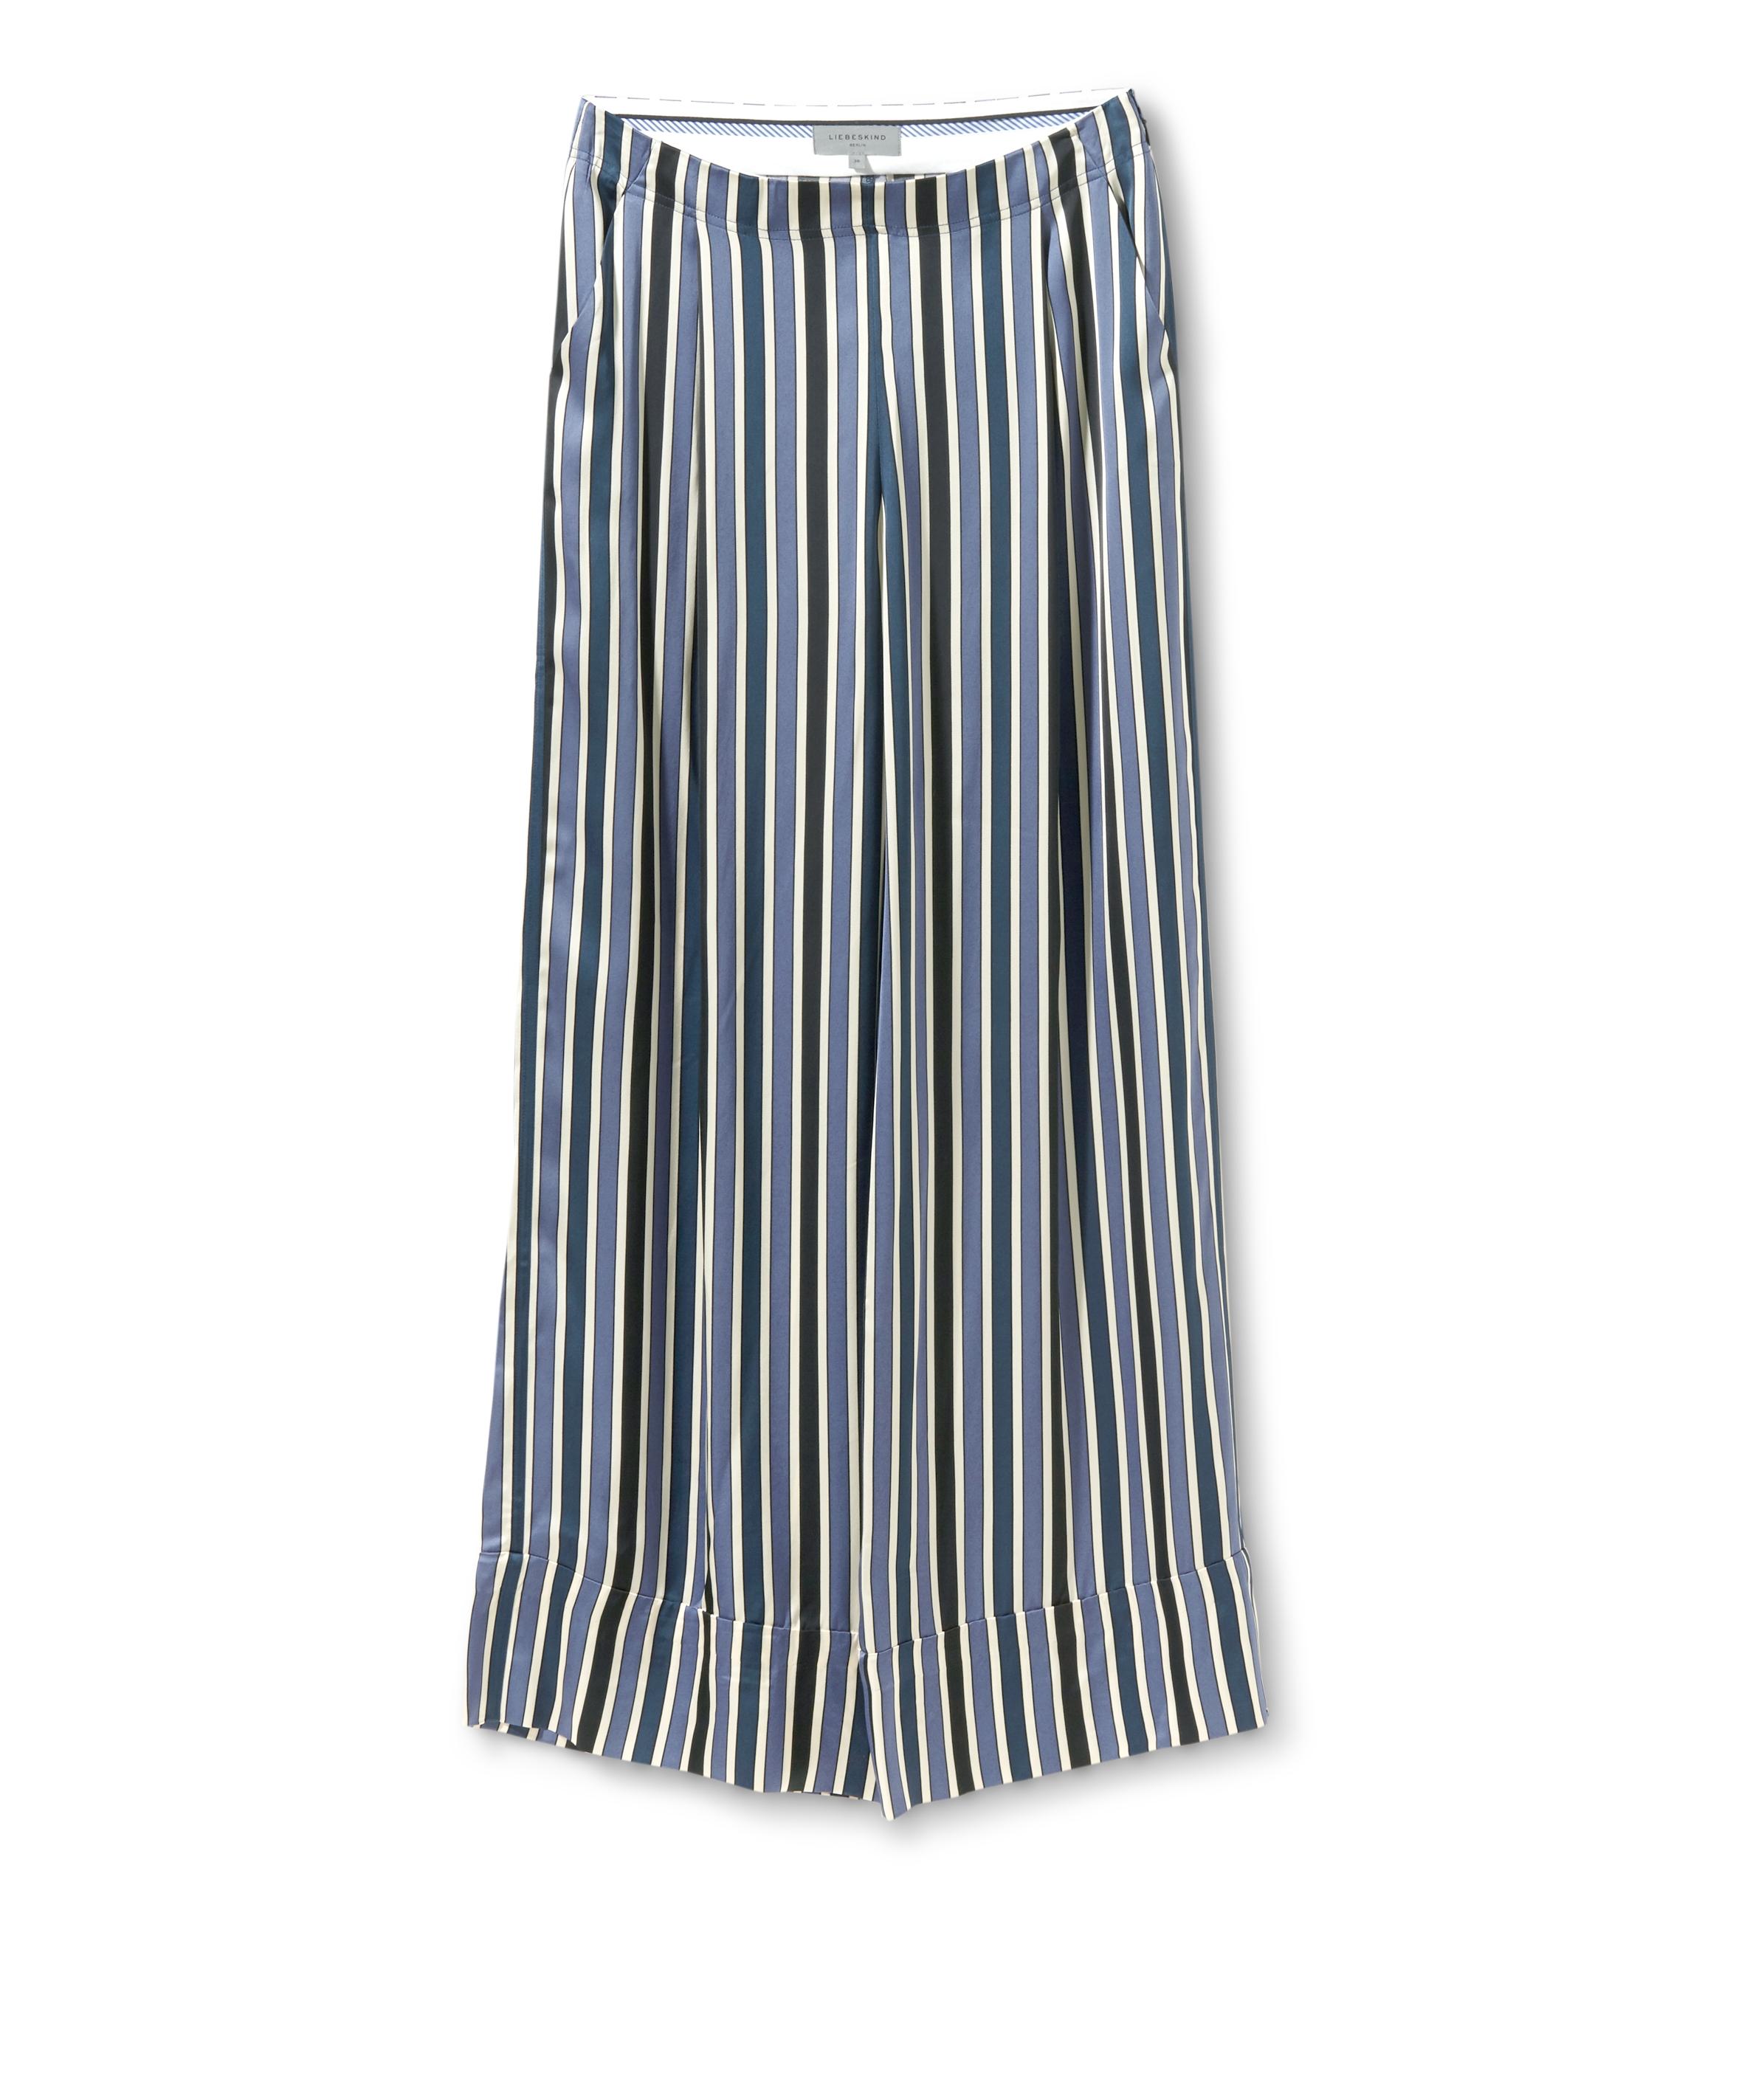 liebeskind berlin - Stoffhose aus Viskose, Blau, Größe 42